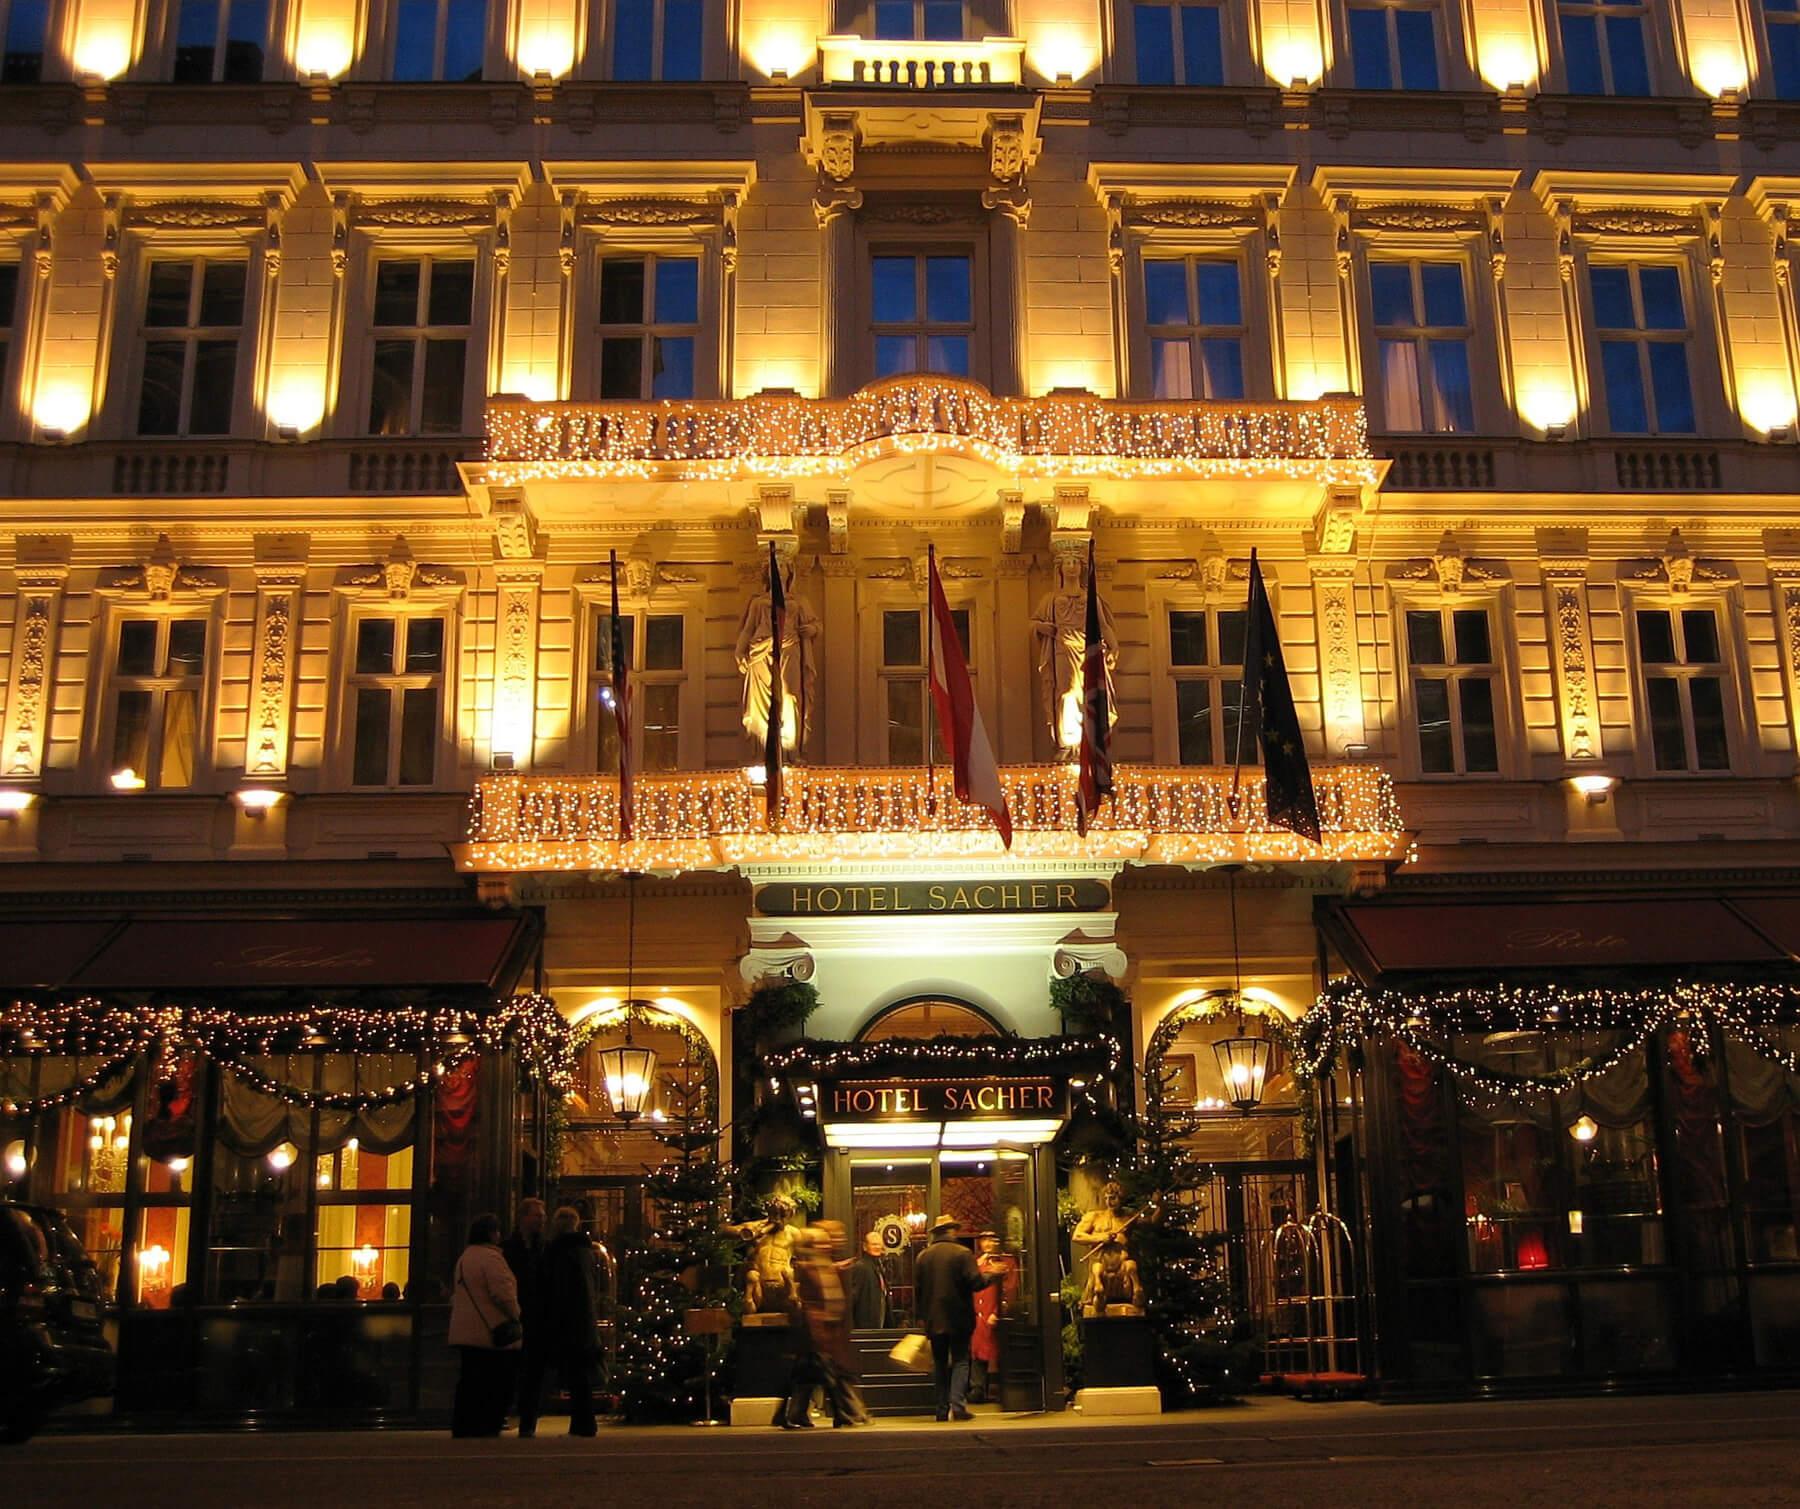 Ночной отель Захер